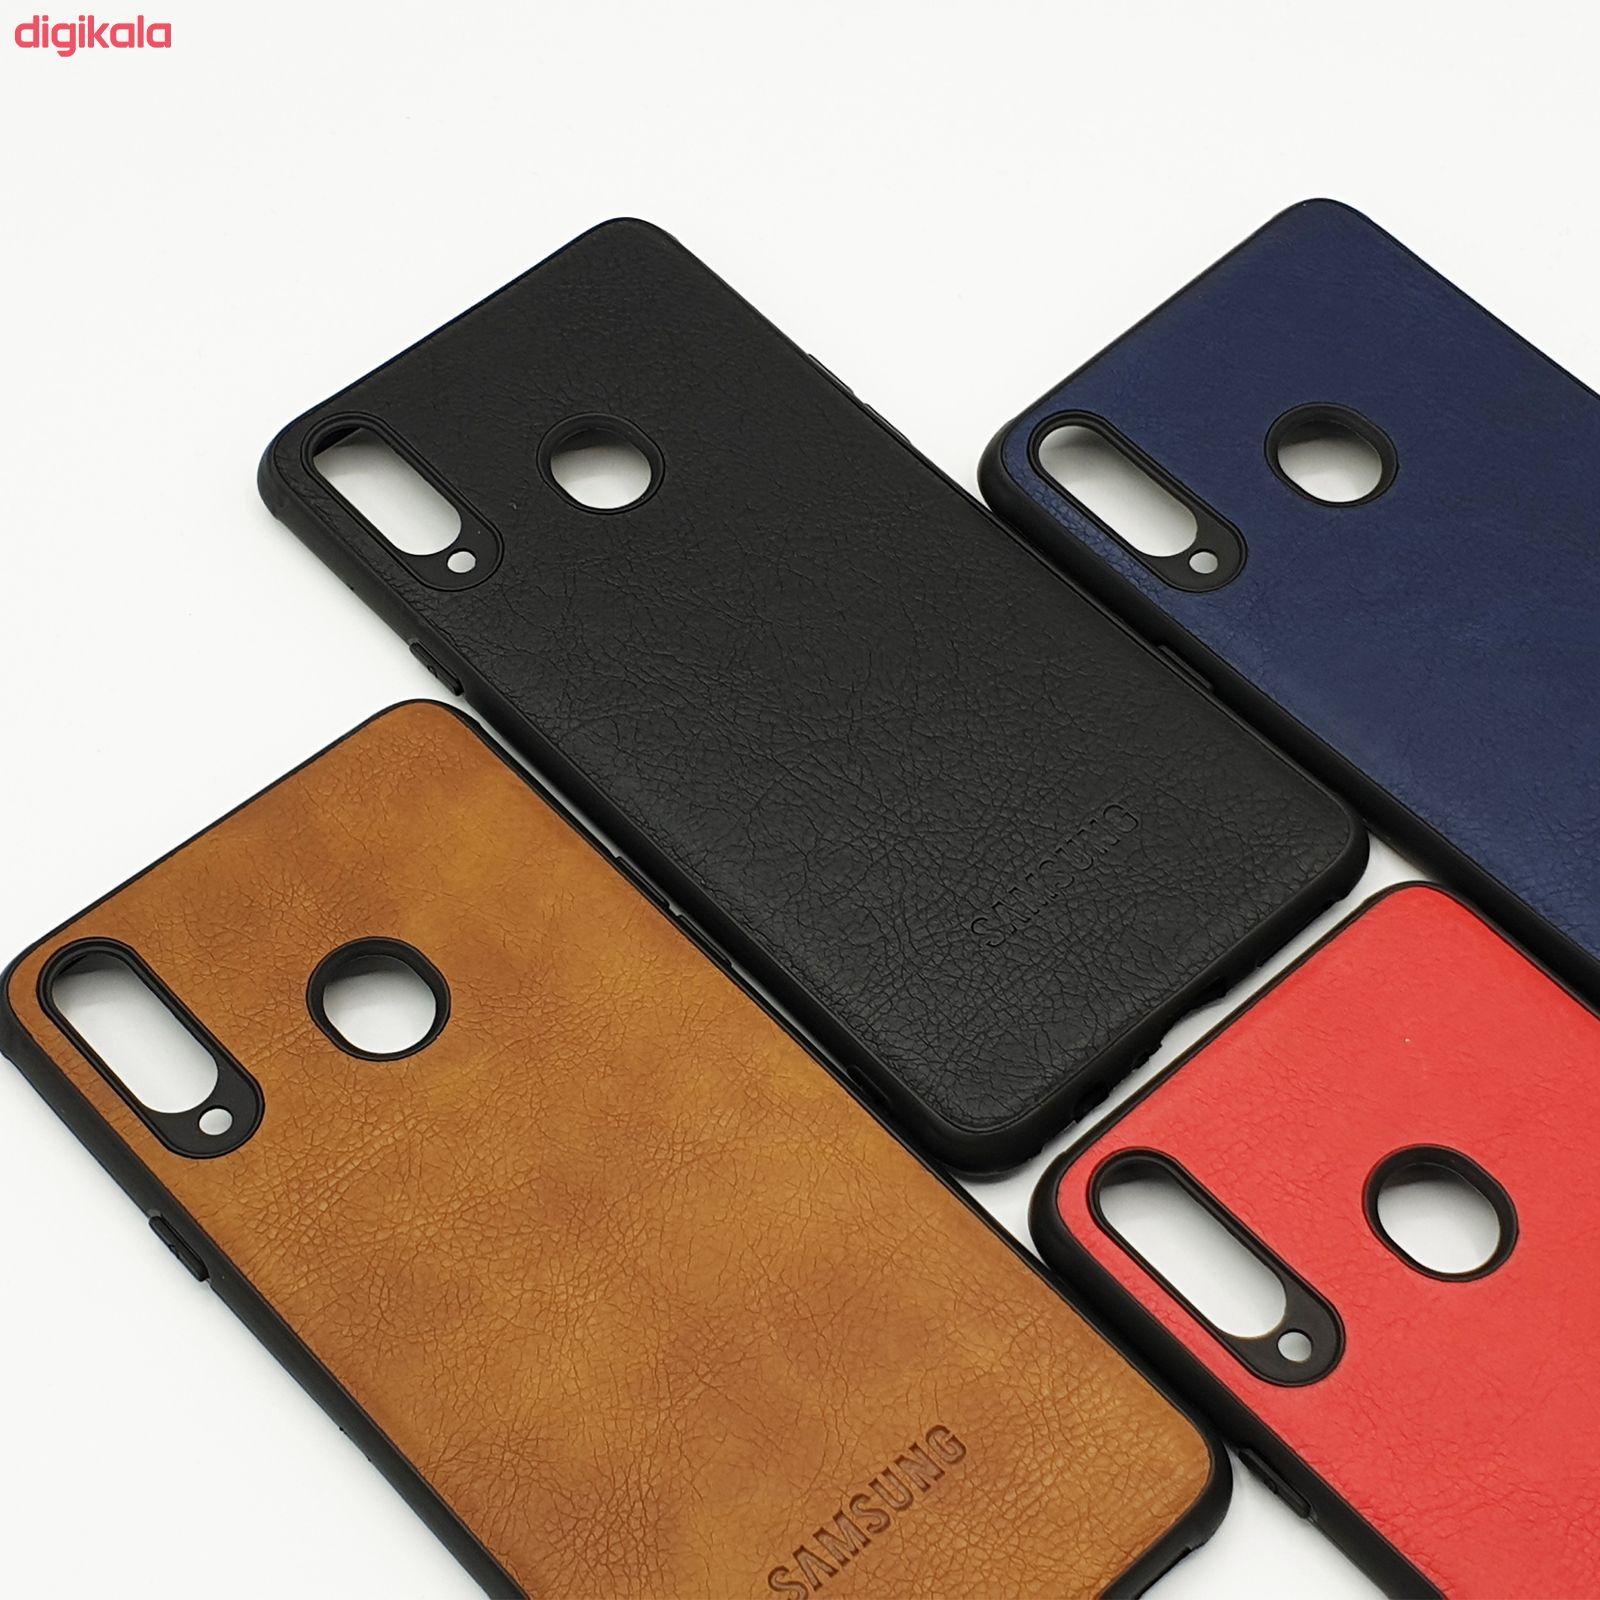 کاور مانوس مدل SA-L2 مناسب برای گوشی موبایل سامسونگ Galaxy A20s main 1 3